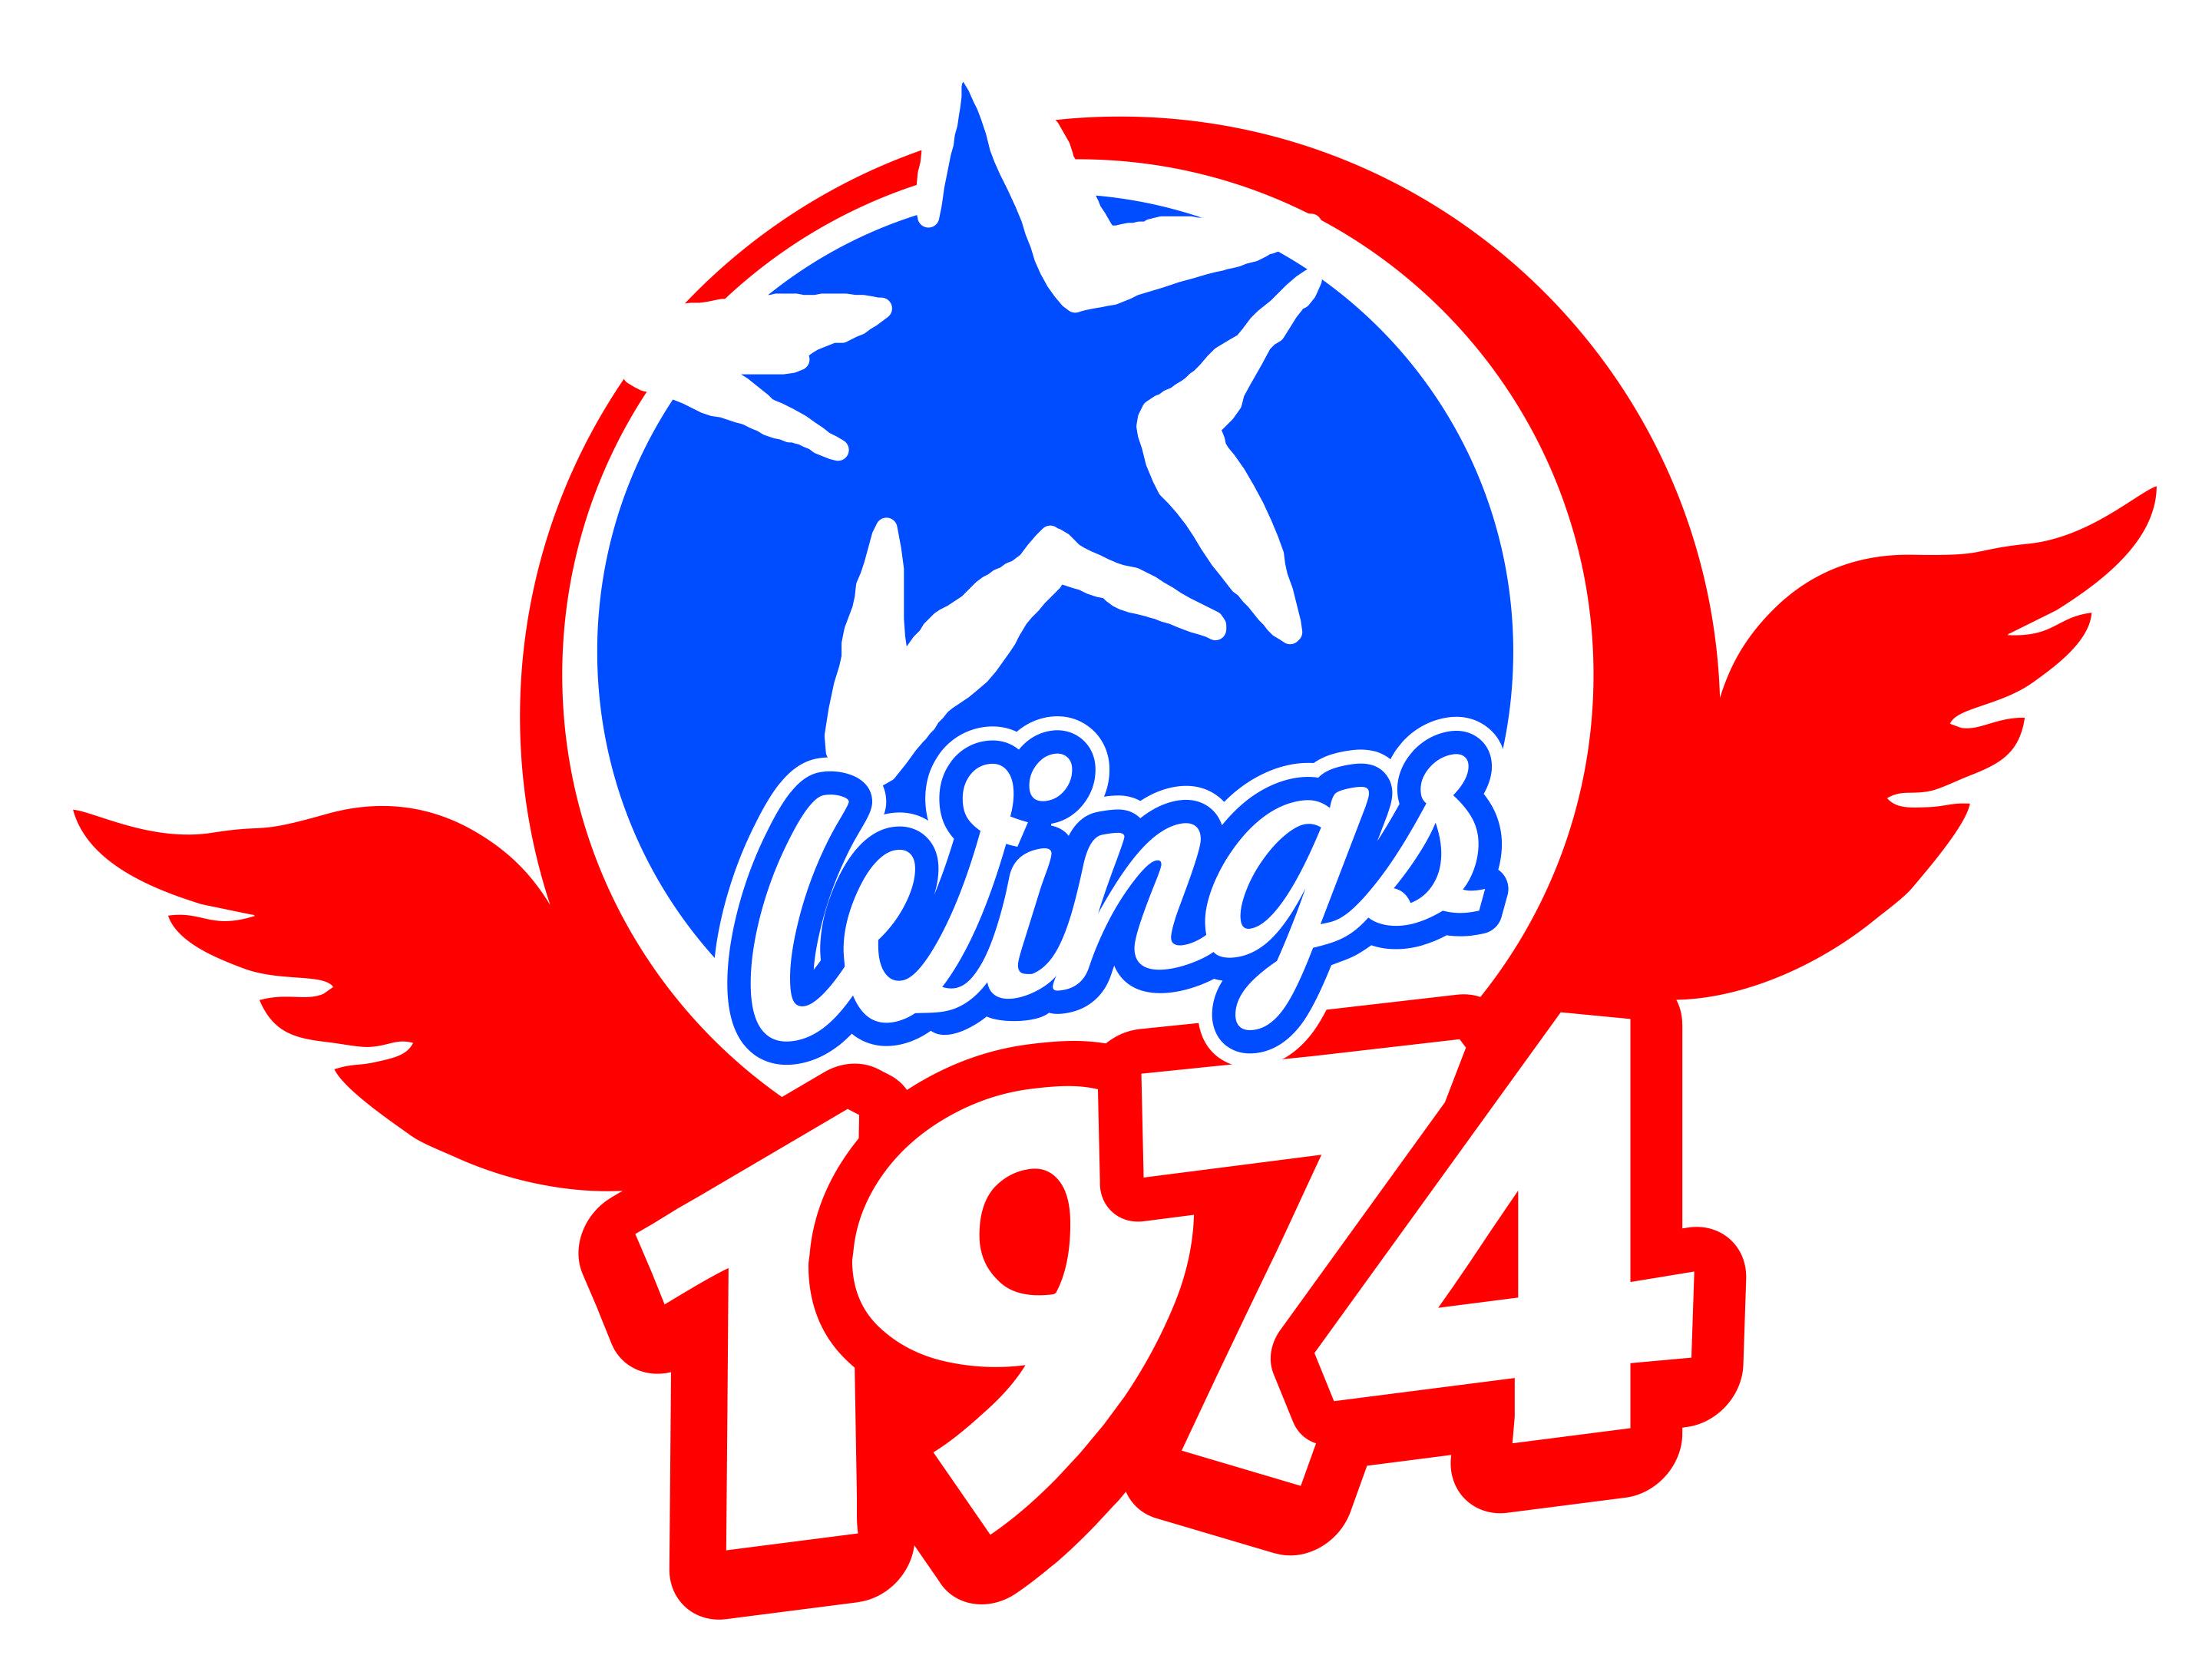 Wings 1974 Oeste